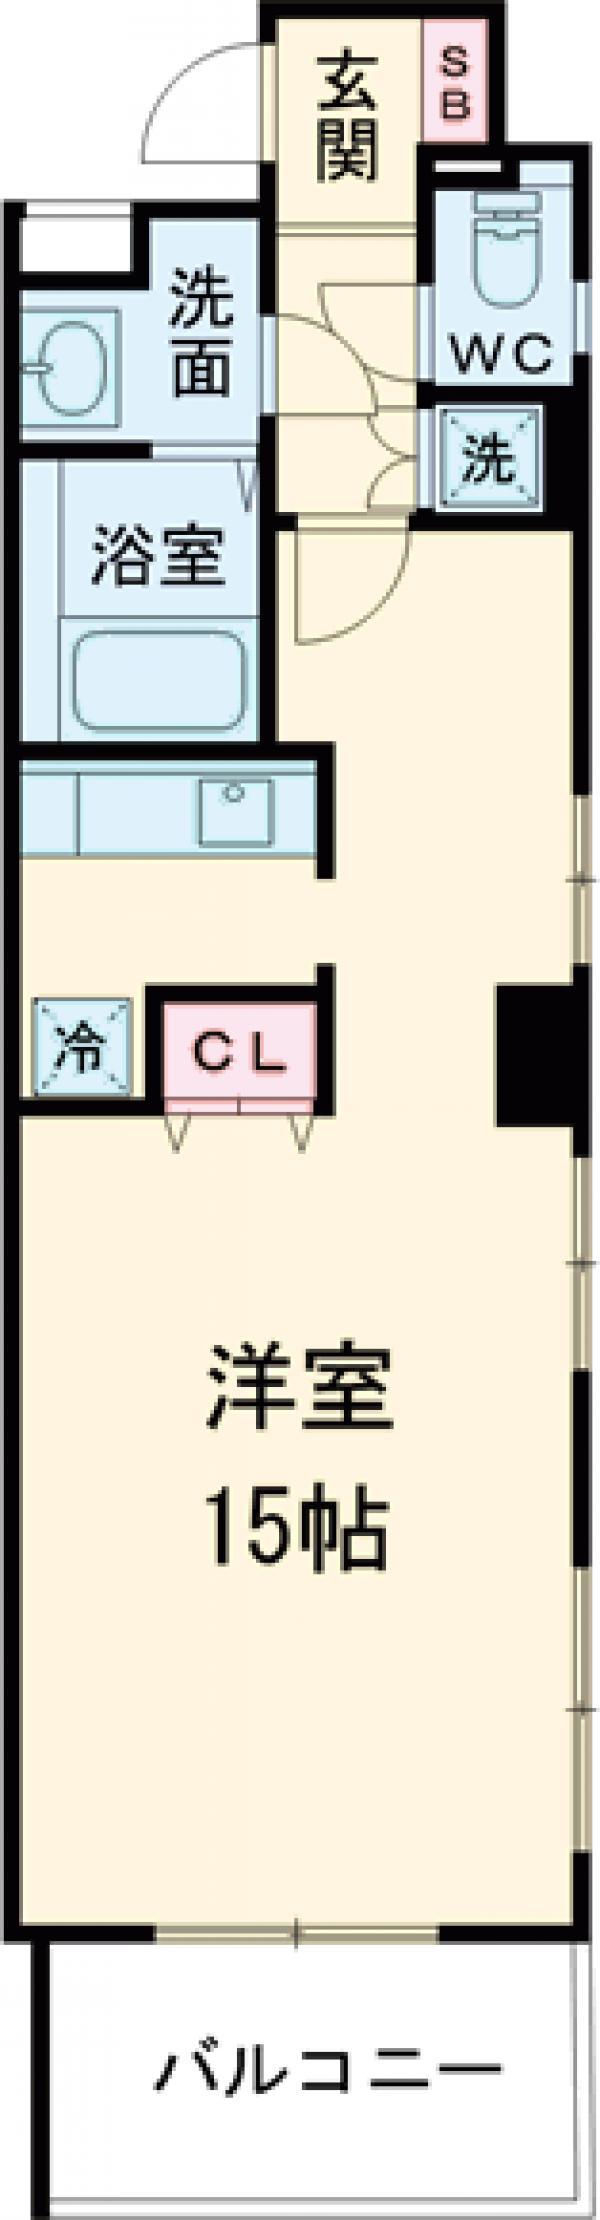 ラング・マンション立川・705号室の間取り